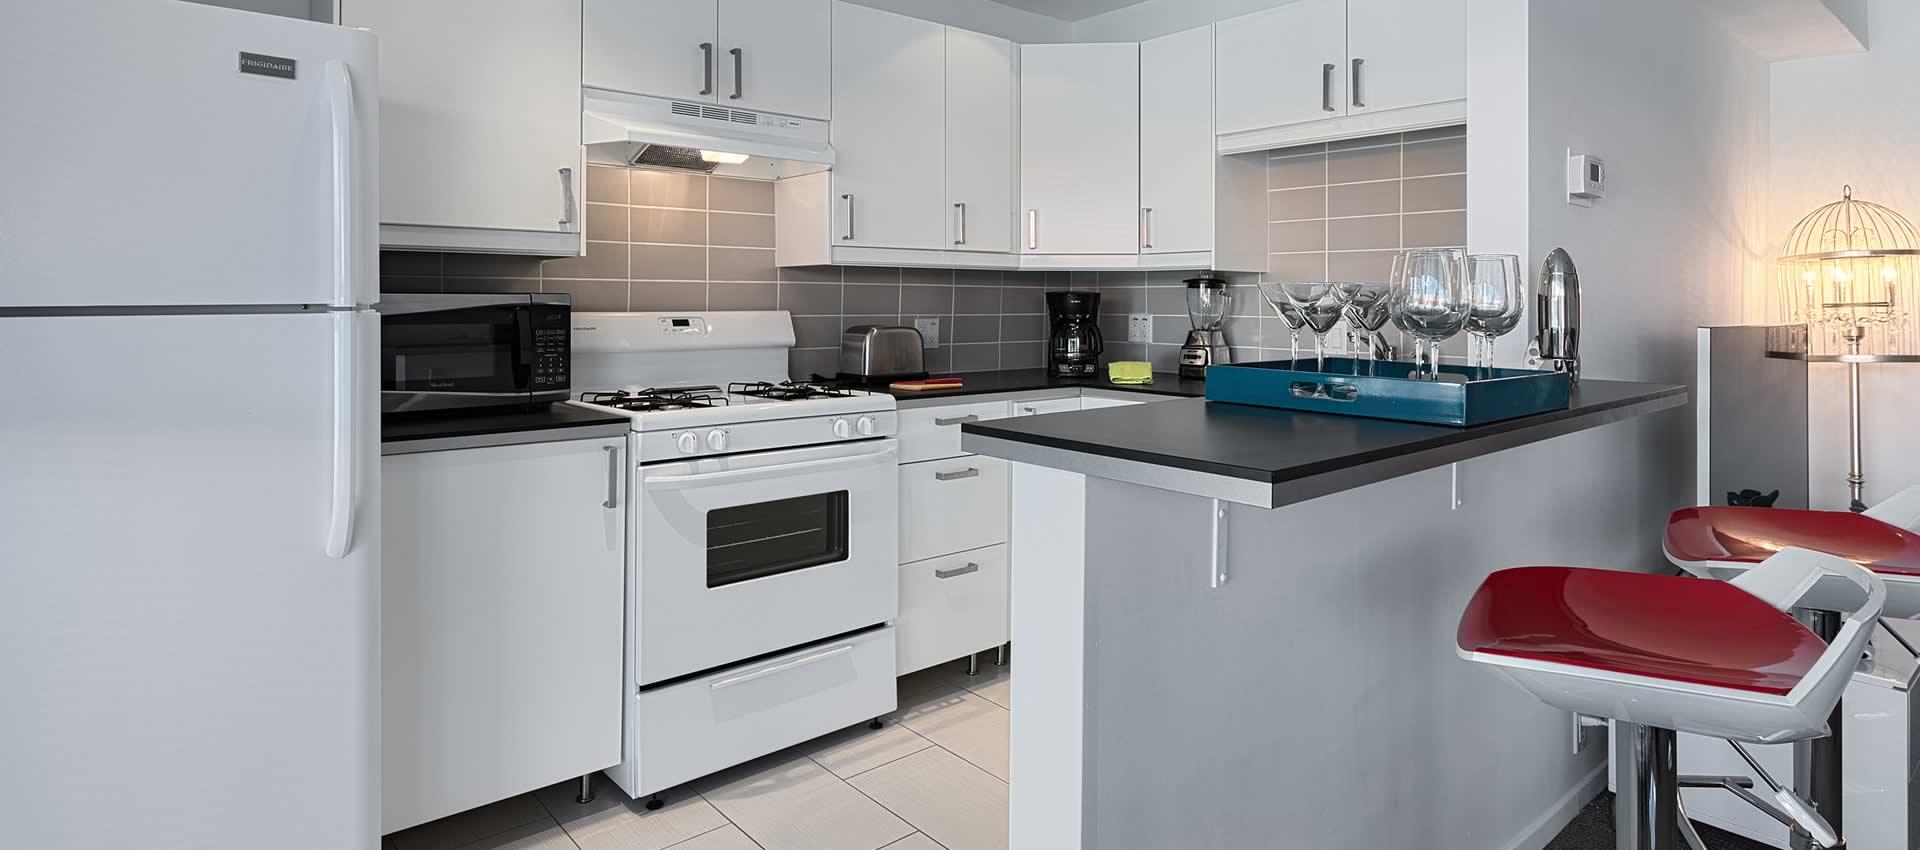 twist-hotel-room220-kitchen